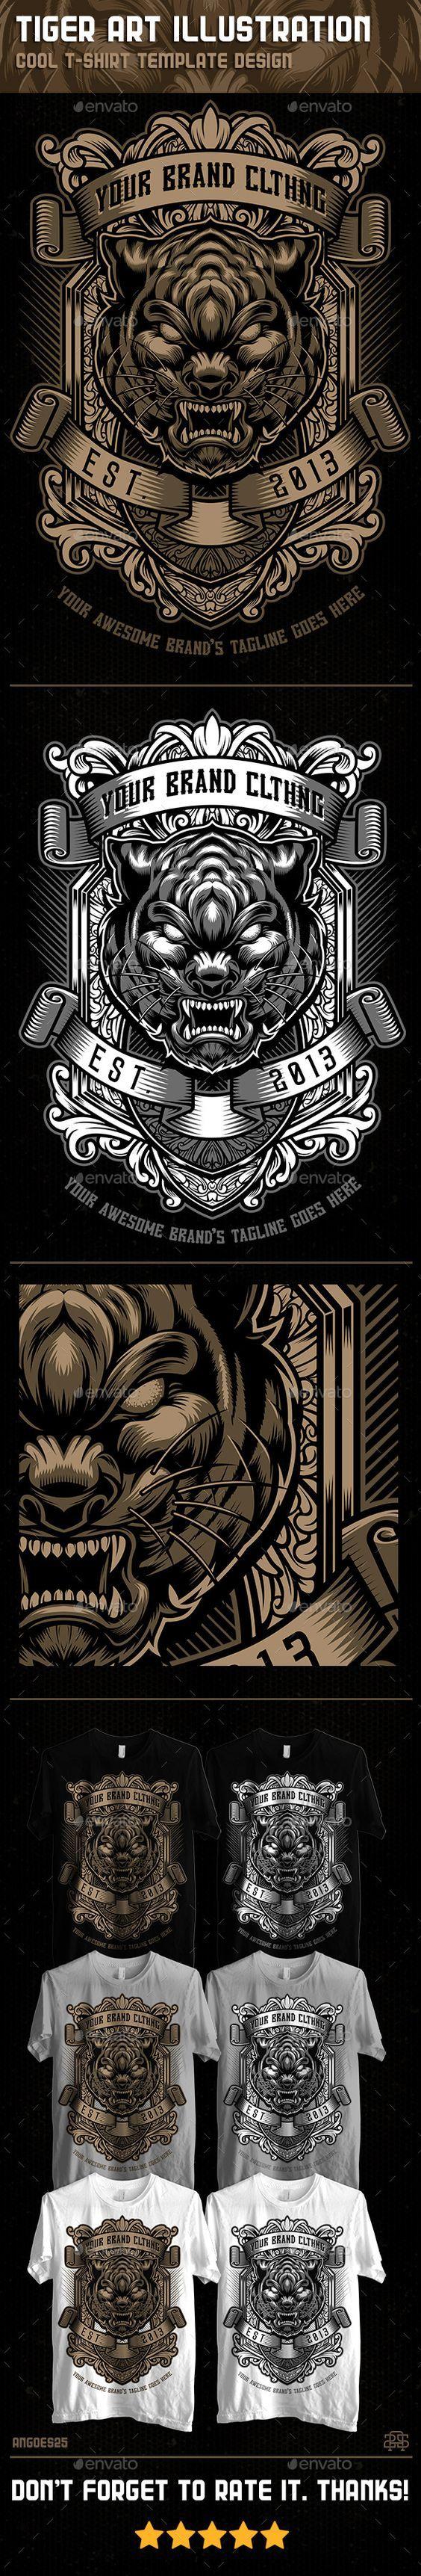 Tiger Art Illustration Tshirt Template #design Download: http://graphicriver.net/item/tiger-art-illustration-tshirt-template-design/11475625?ref=ksioks: